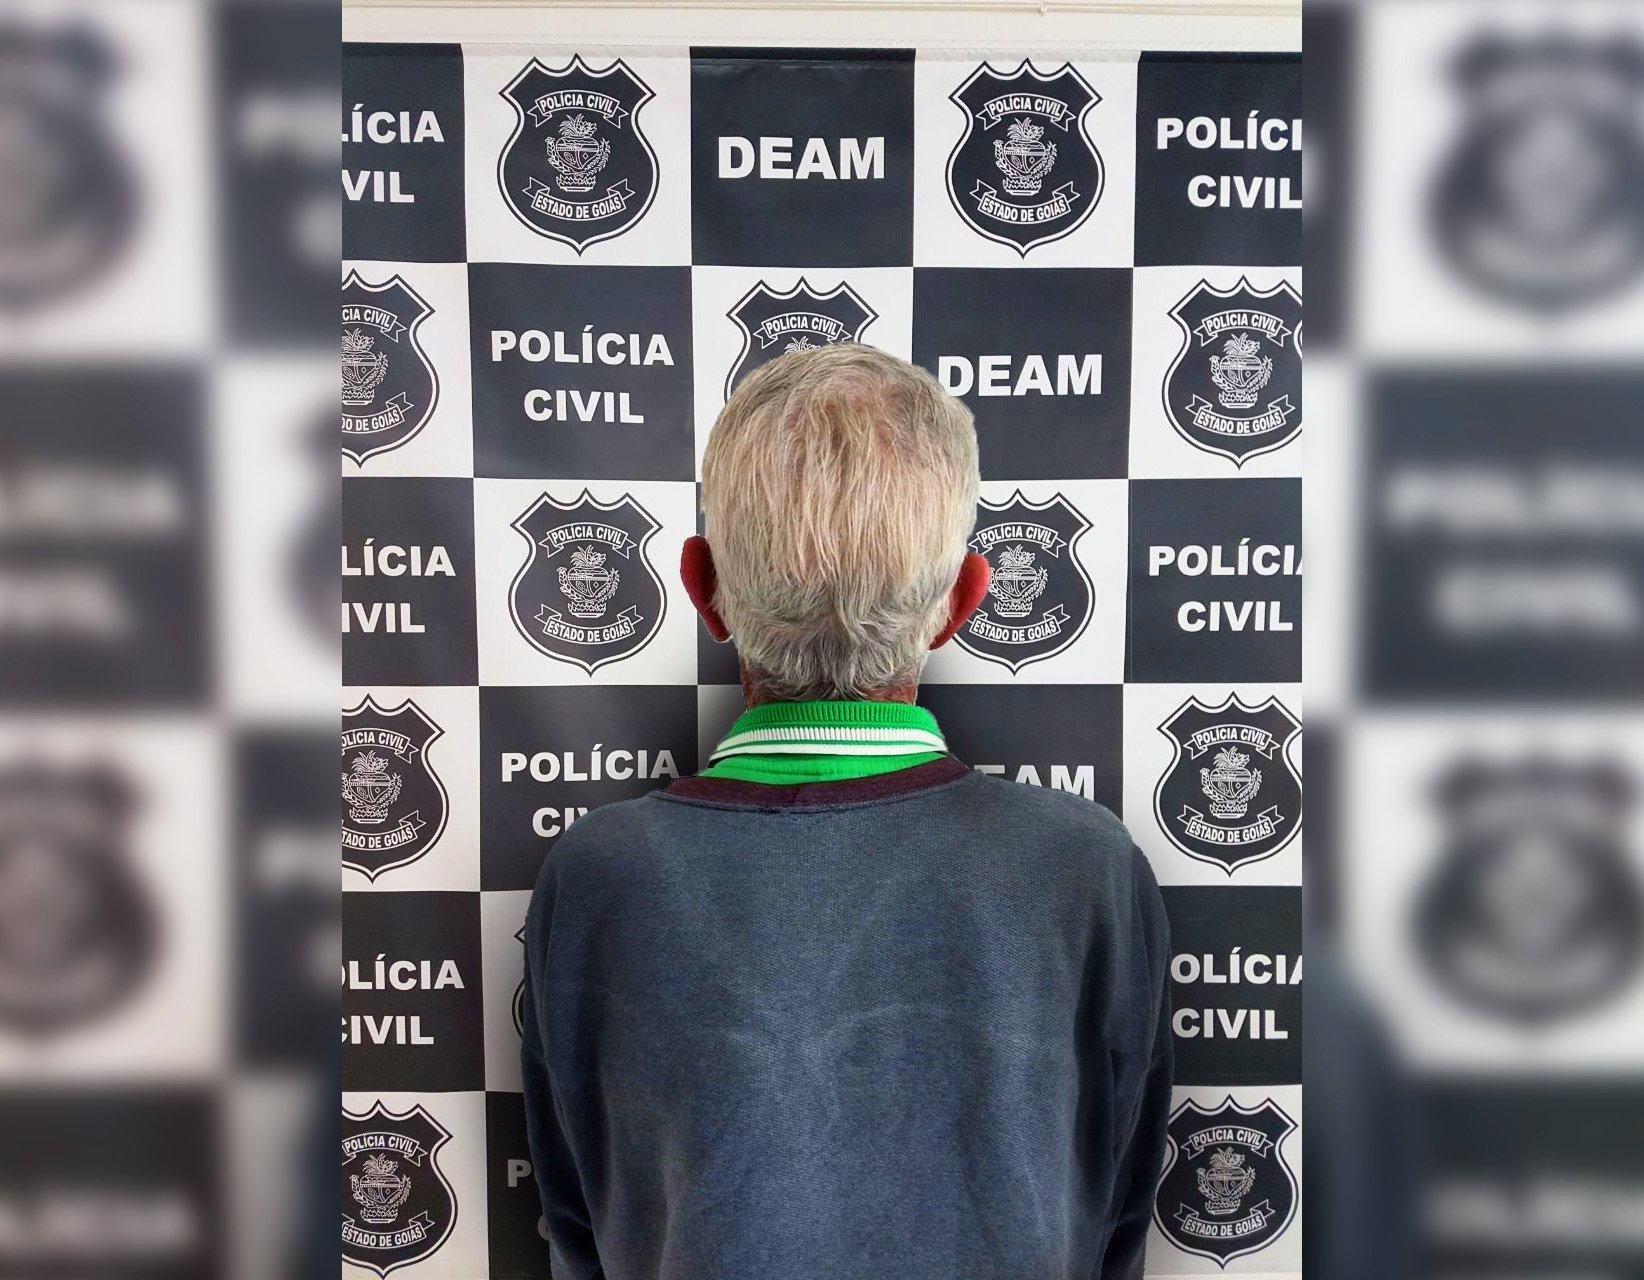 Suspeito de pedofilia, Idoso é preso por estupro de criança em Valparaíso | Foto: Divulgação/ Polícia Civil